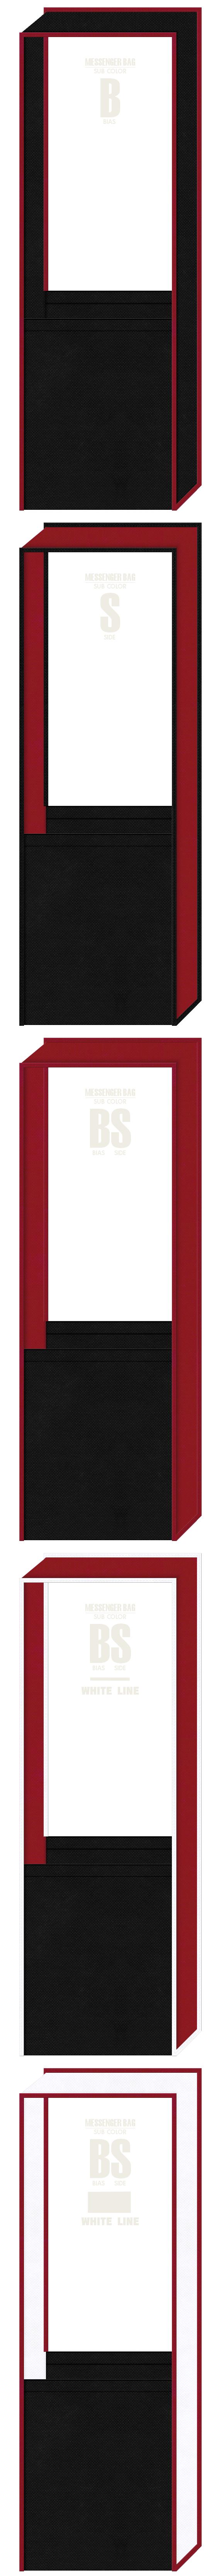 不織布メッセンジャーバッグのカラーシミュレーション(黒色・エンジ色・白色):ノベルティ(映画館・劇場)、スポーツイベントにお奨めです。